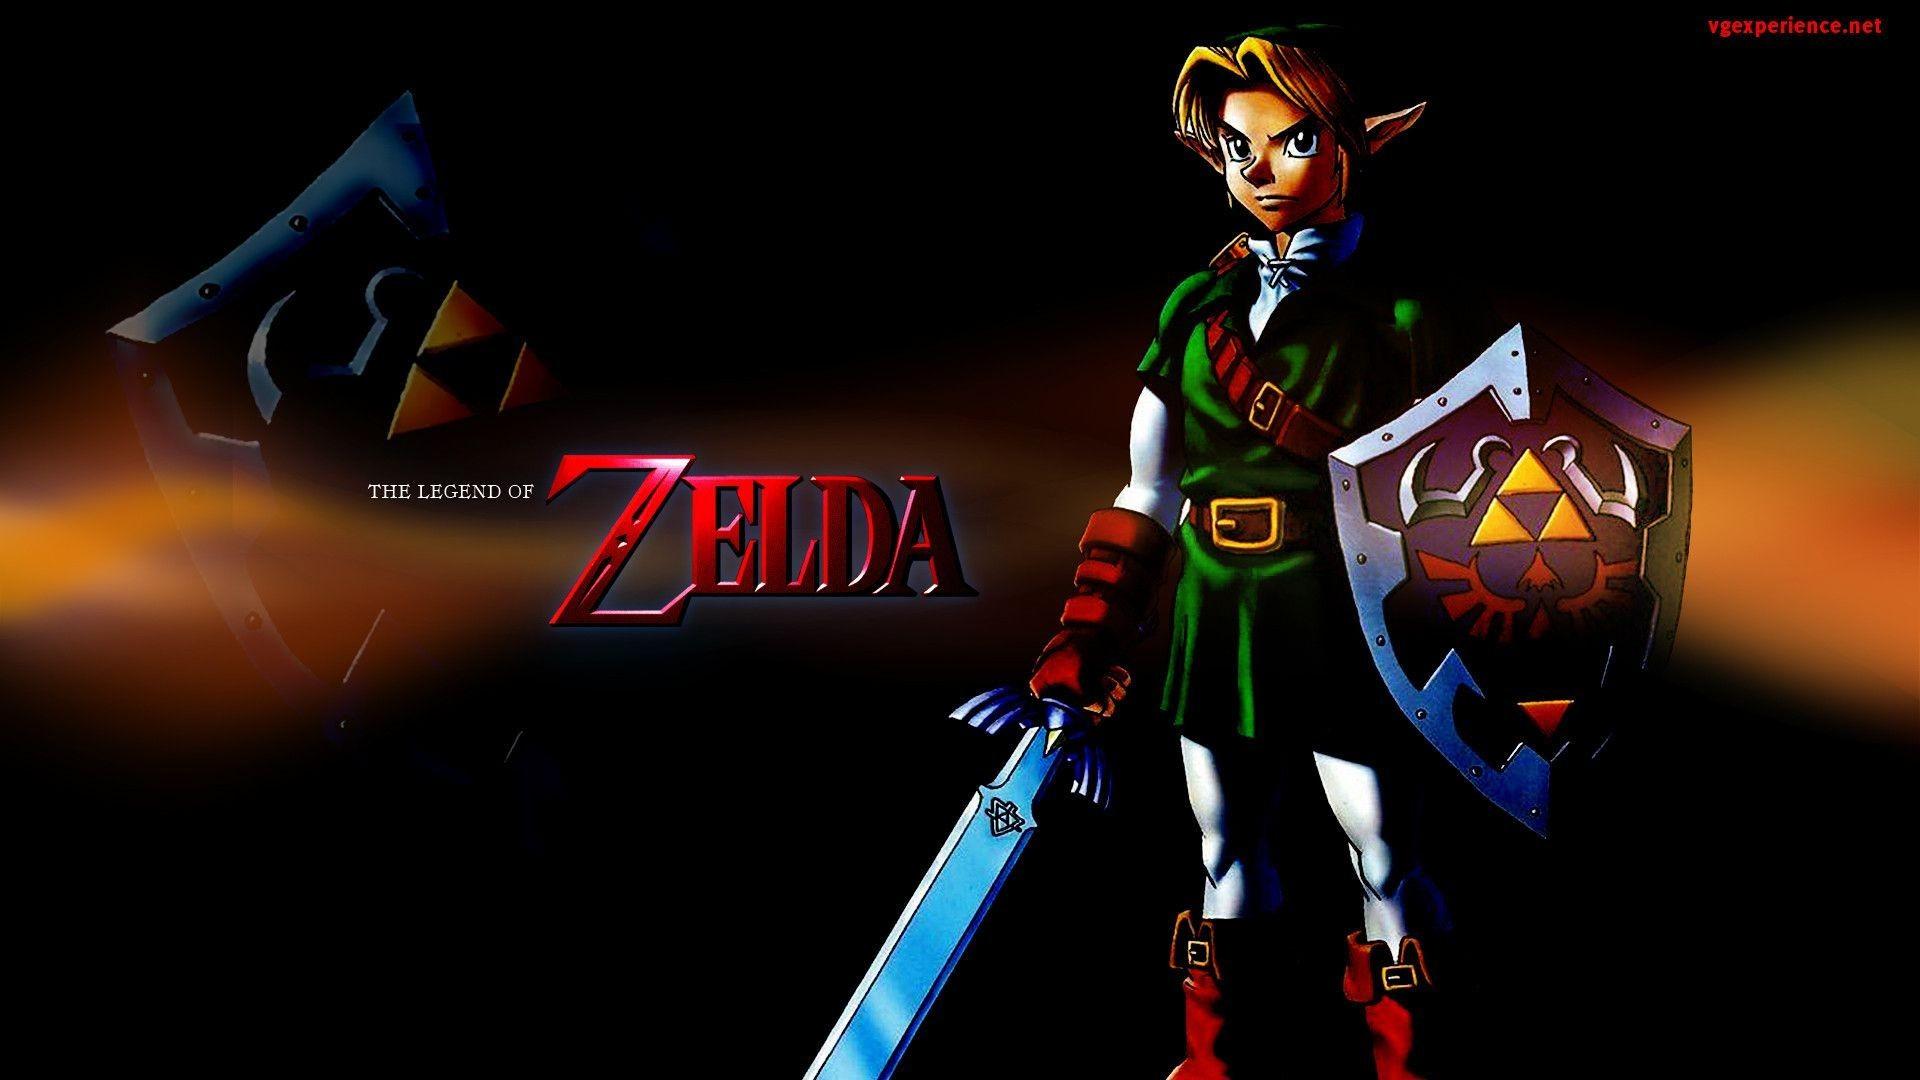 … Legend Of Zelda Desktop Wallpapers